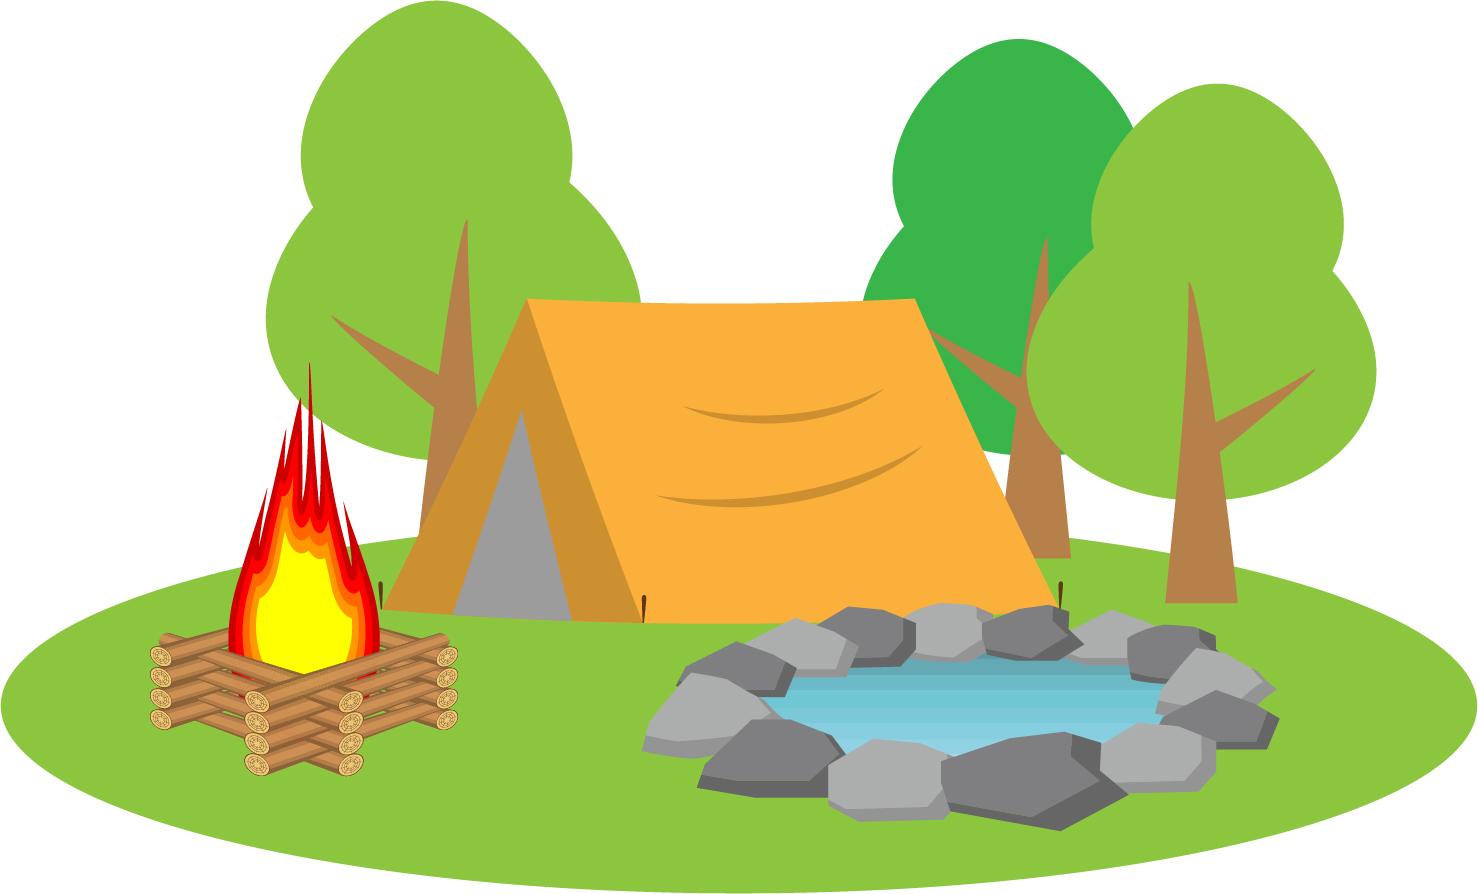 テントと焚き火のイラスト